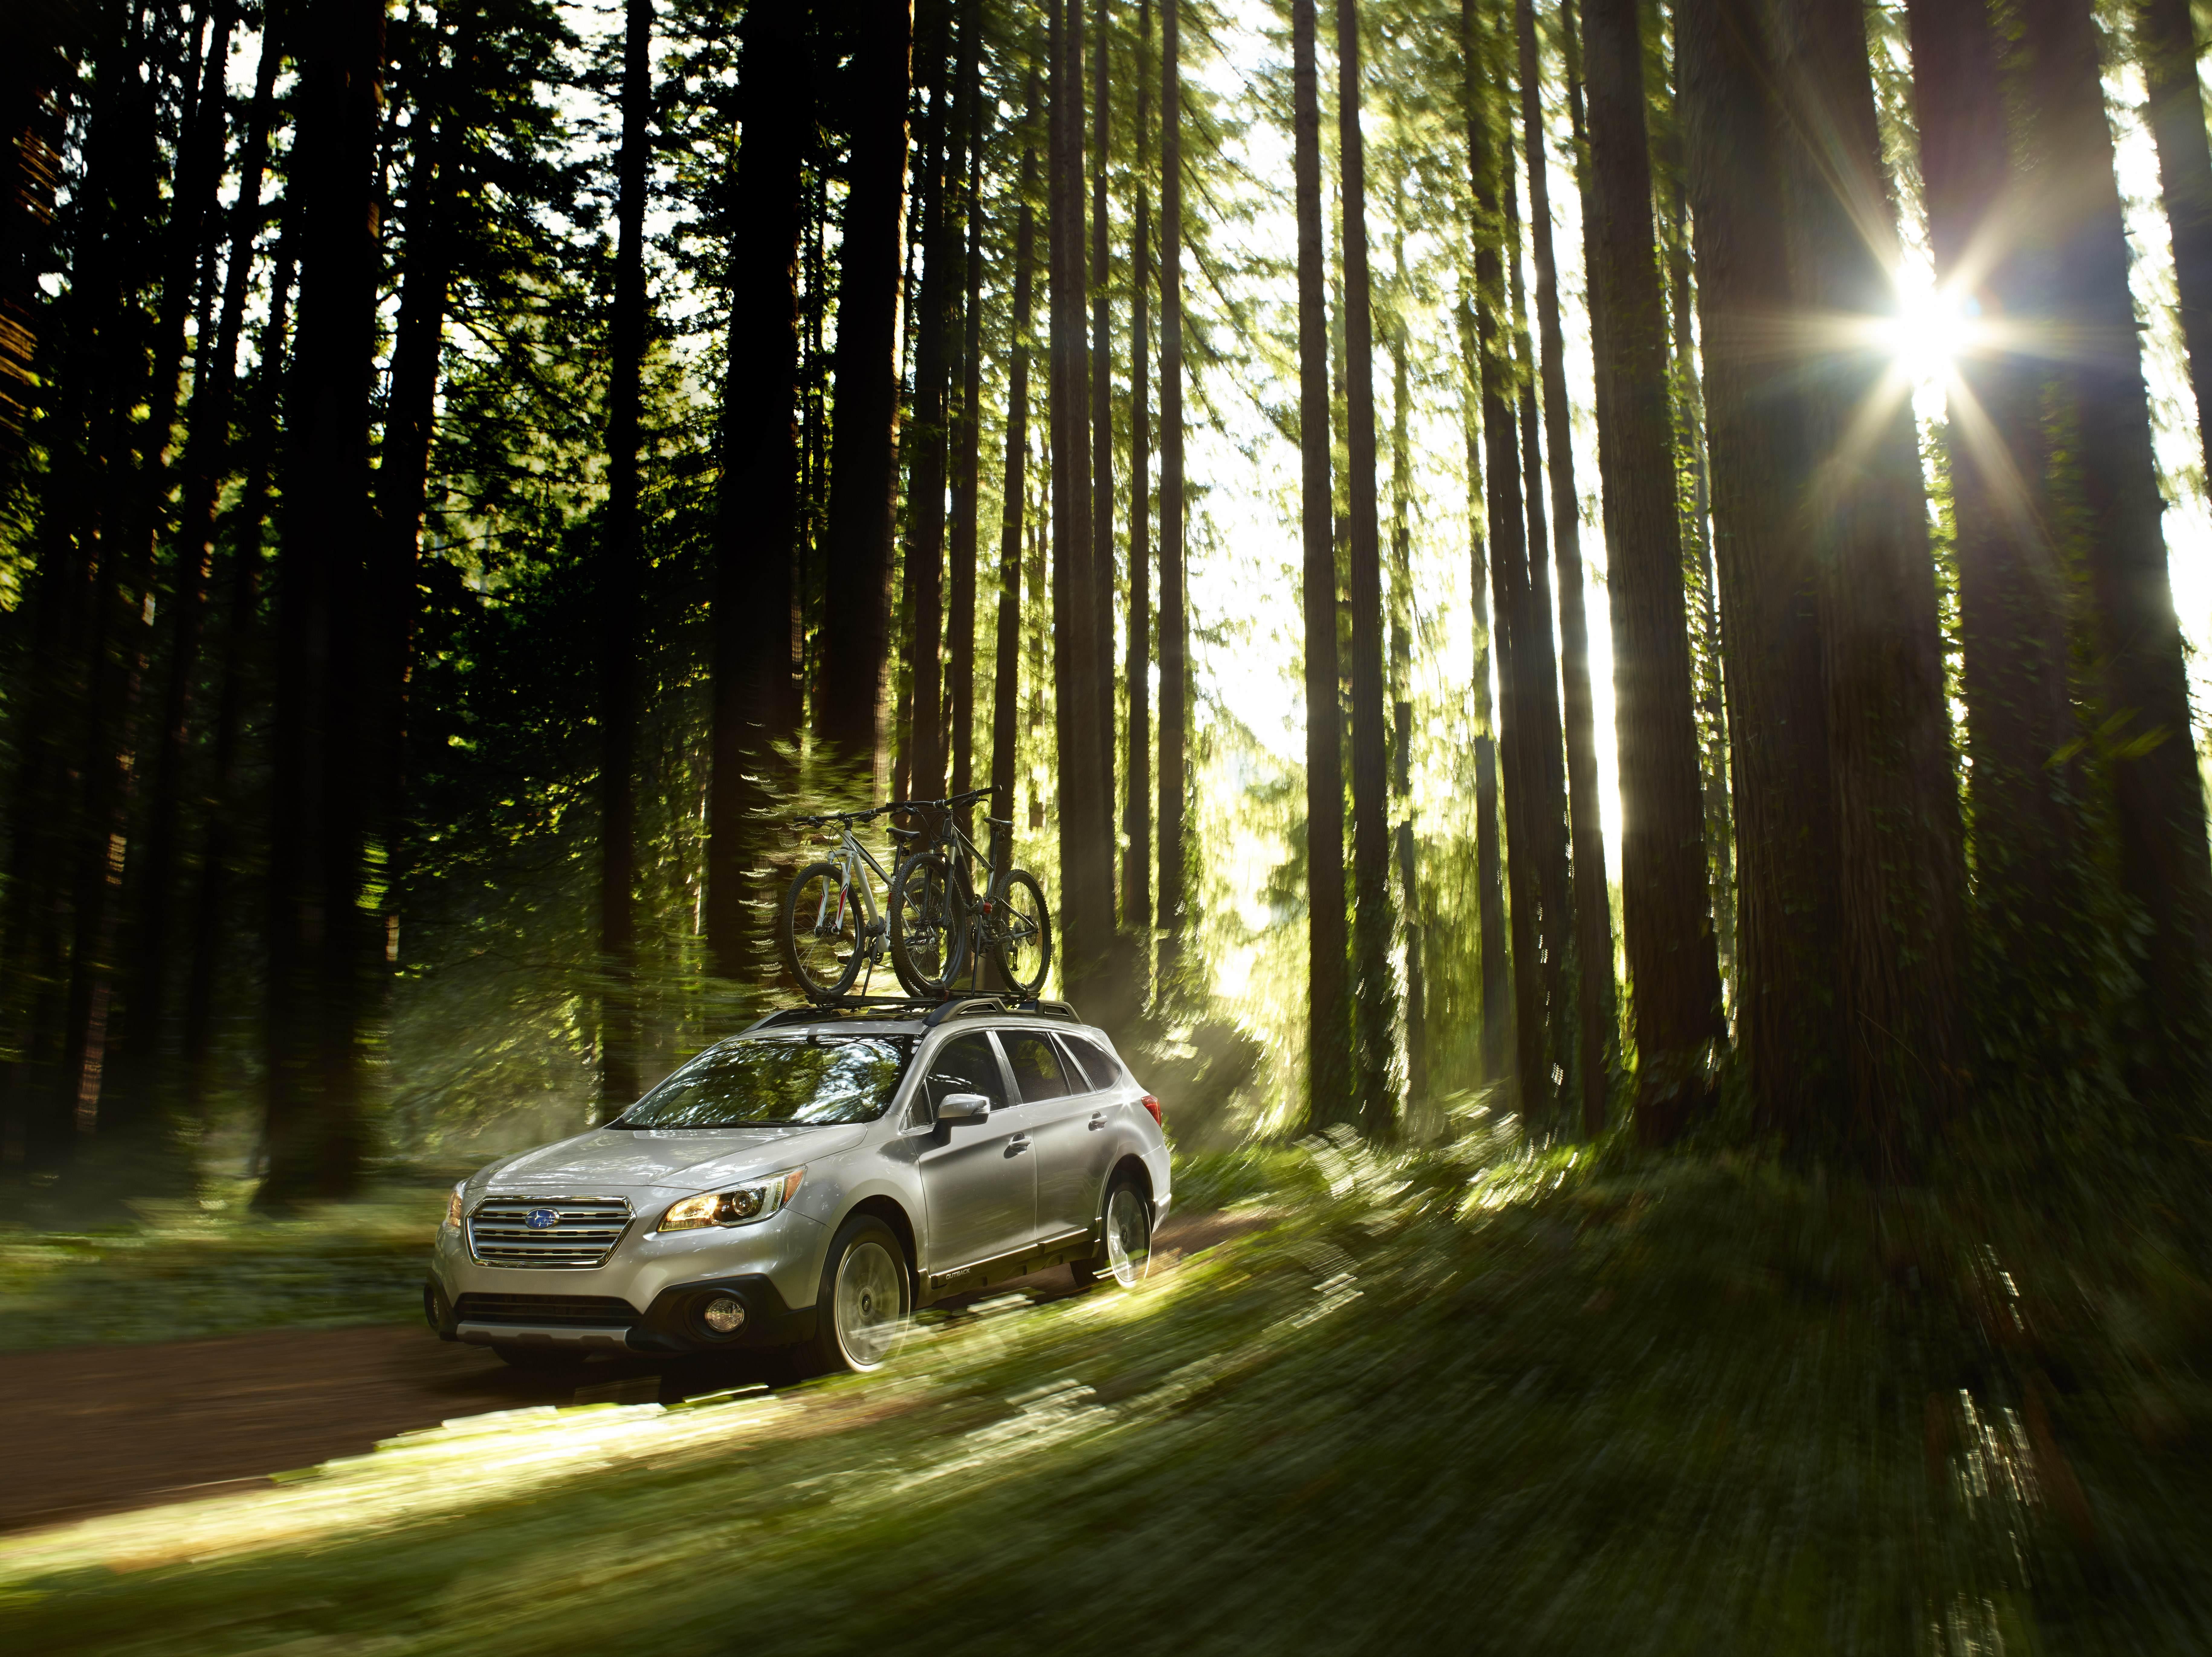 здесь машина в лесу картинка для того чтобы